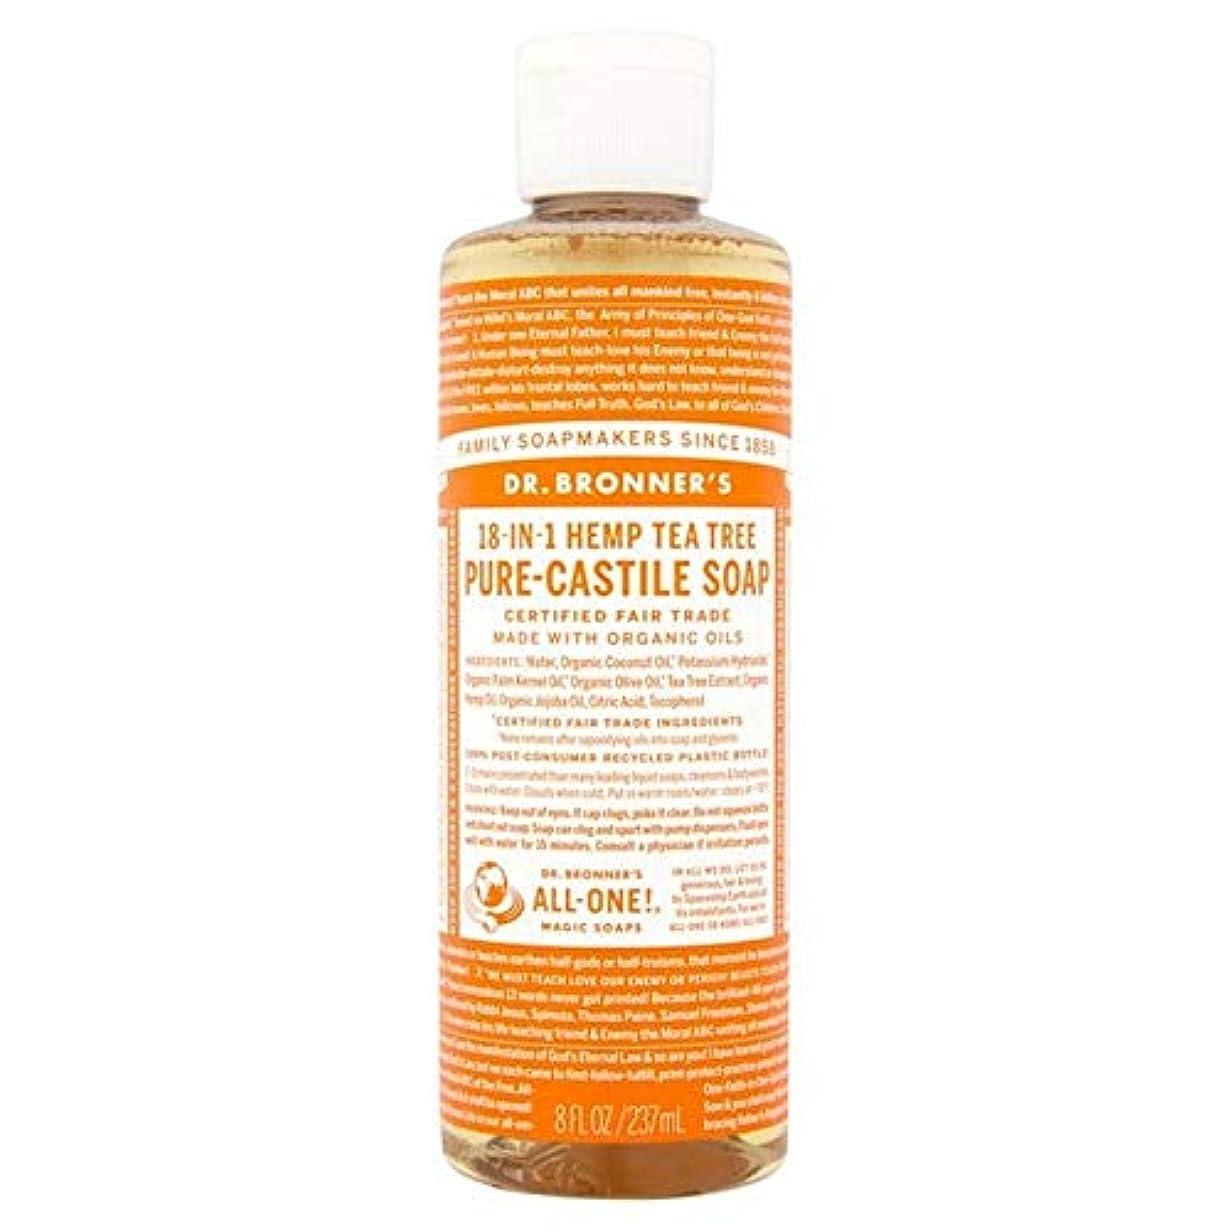 コークス積分グラス[Dr Bronner] Dr。ブロナーズオーガニックティーツリー純粋-カスティーリャ液体石鹸237ミリリットル - Dr. Bronner's Organic Tea Tree Pure-Castile Liquid Soap 237ml [並行輸入品]